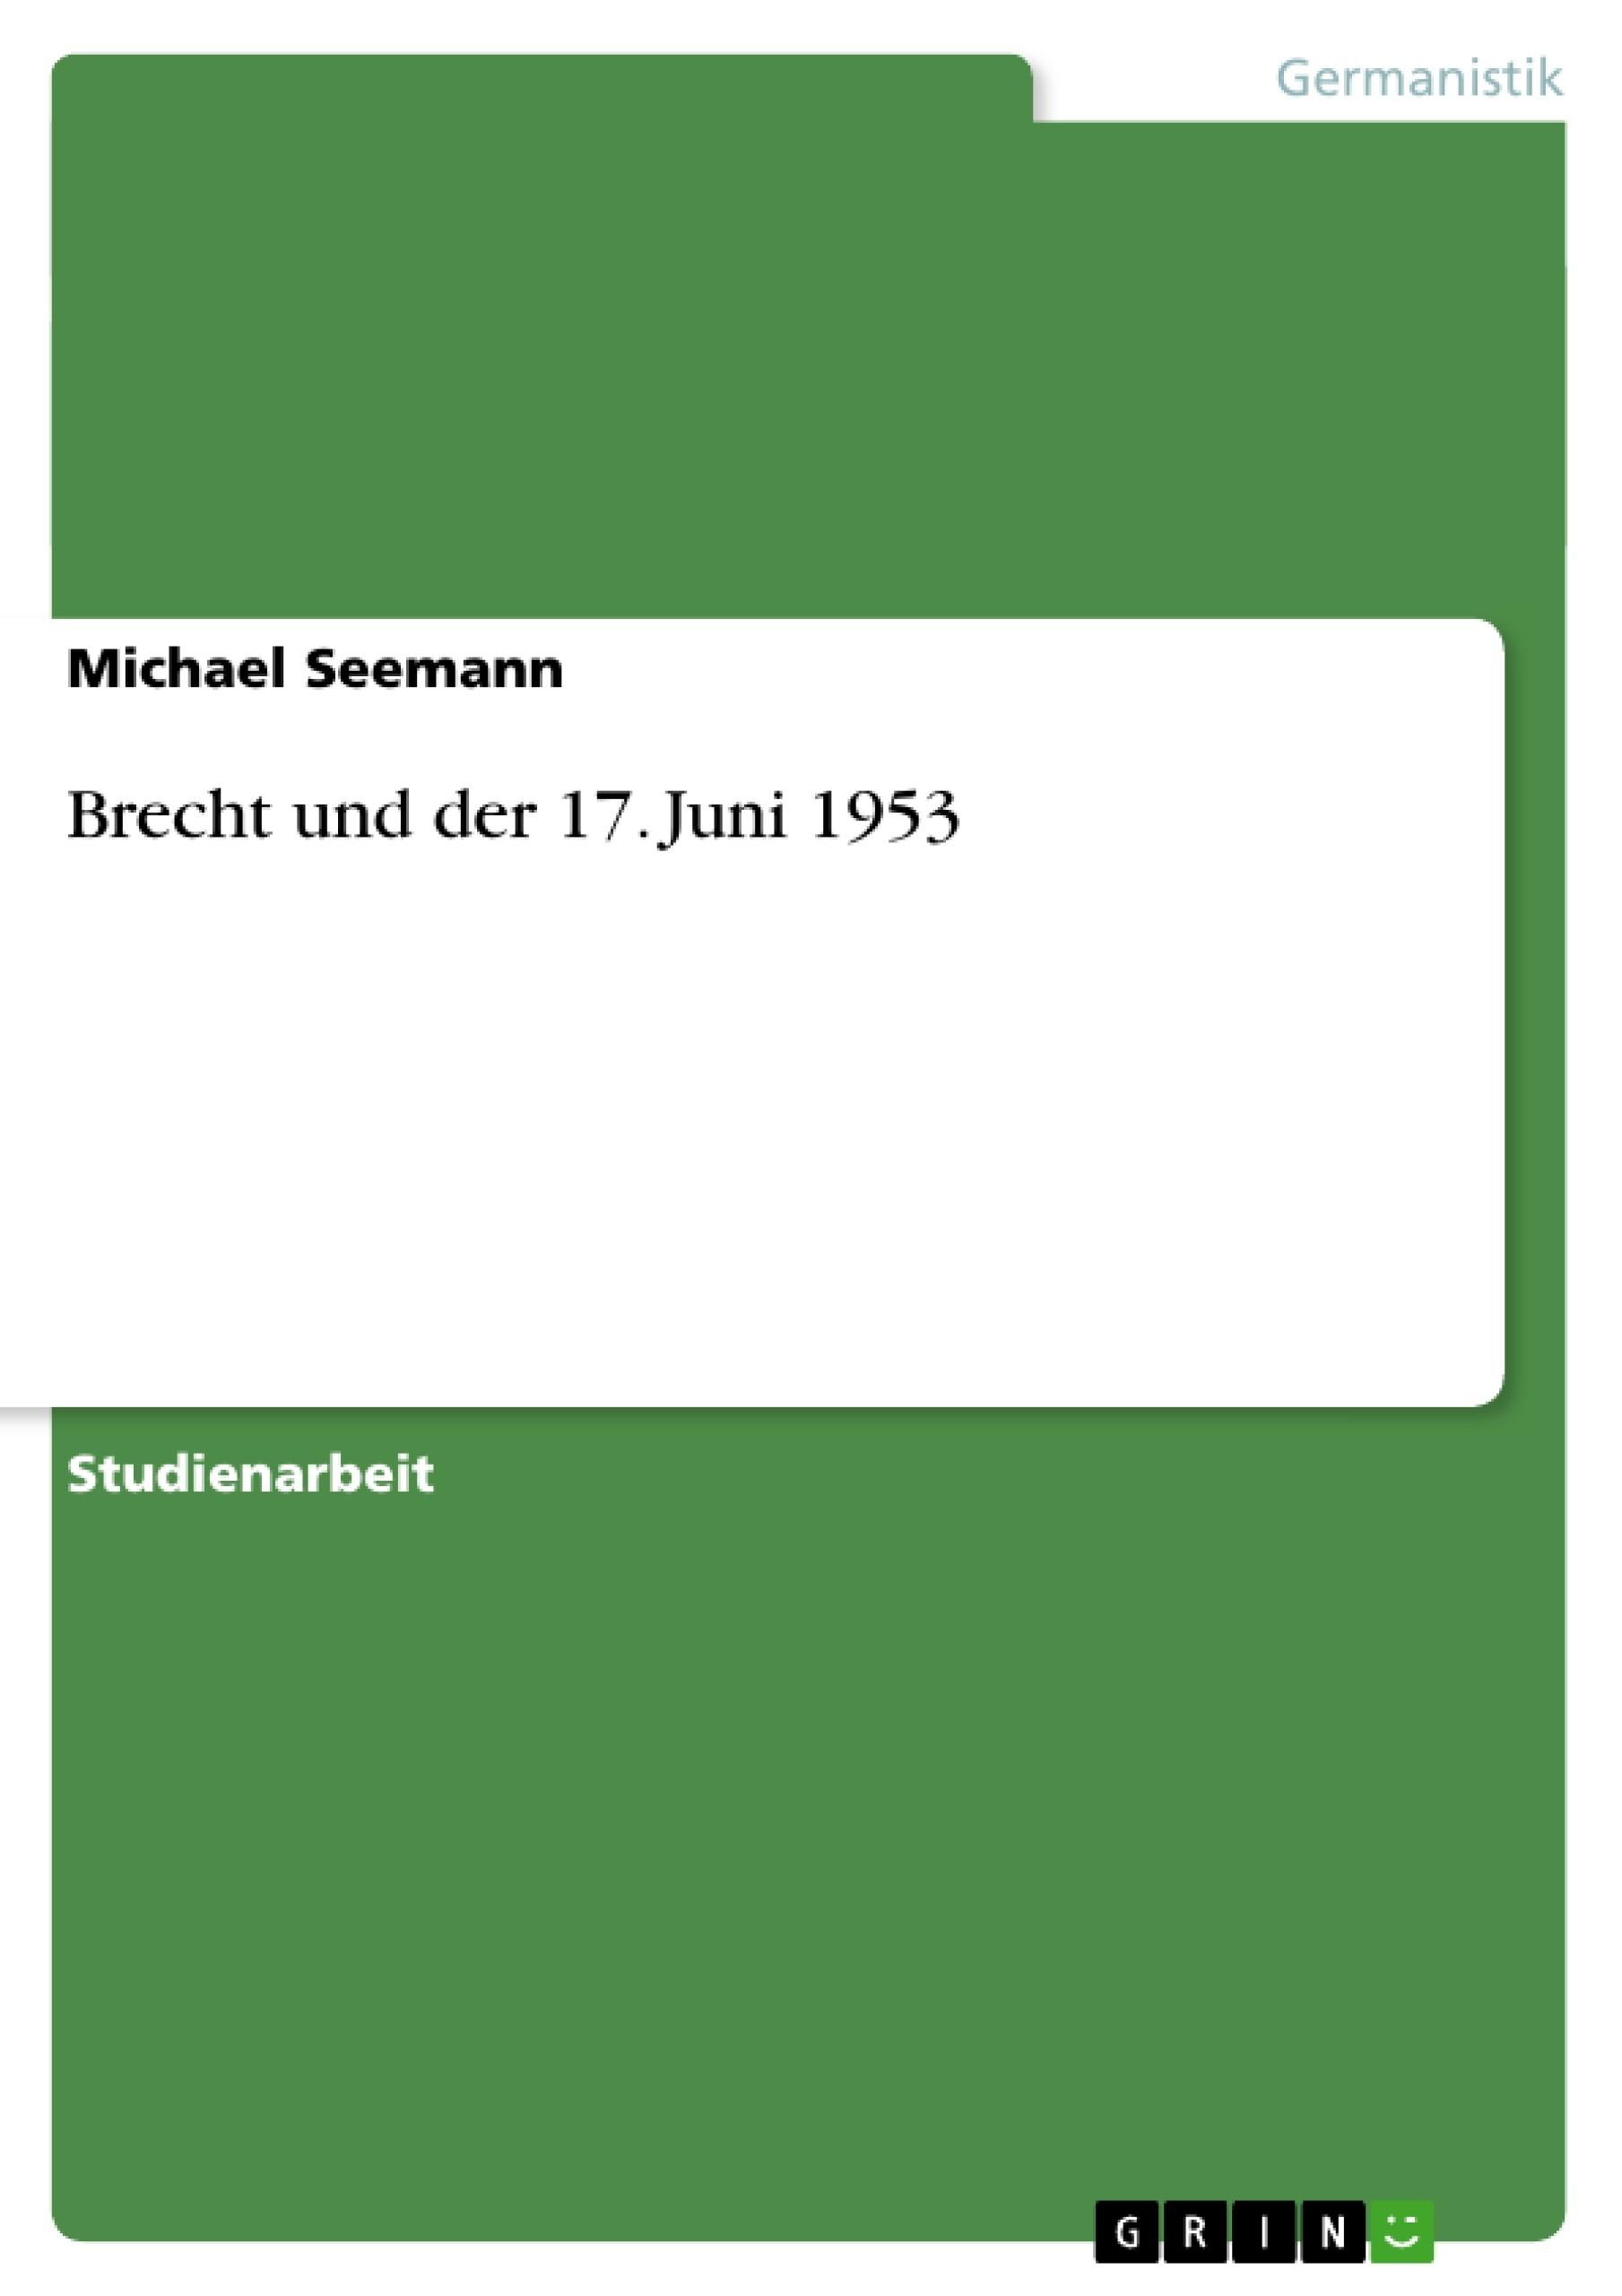 Titel: Brecht und der 17. Juni 1953